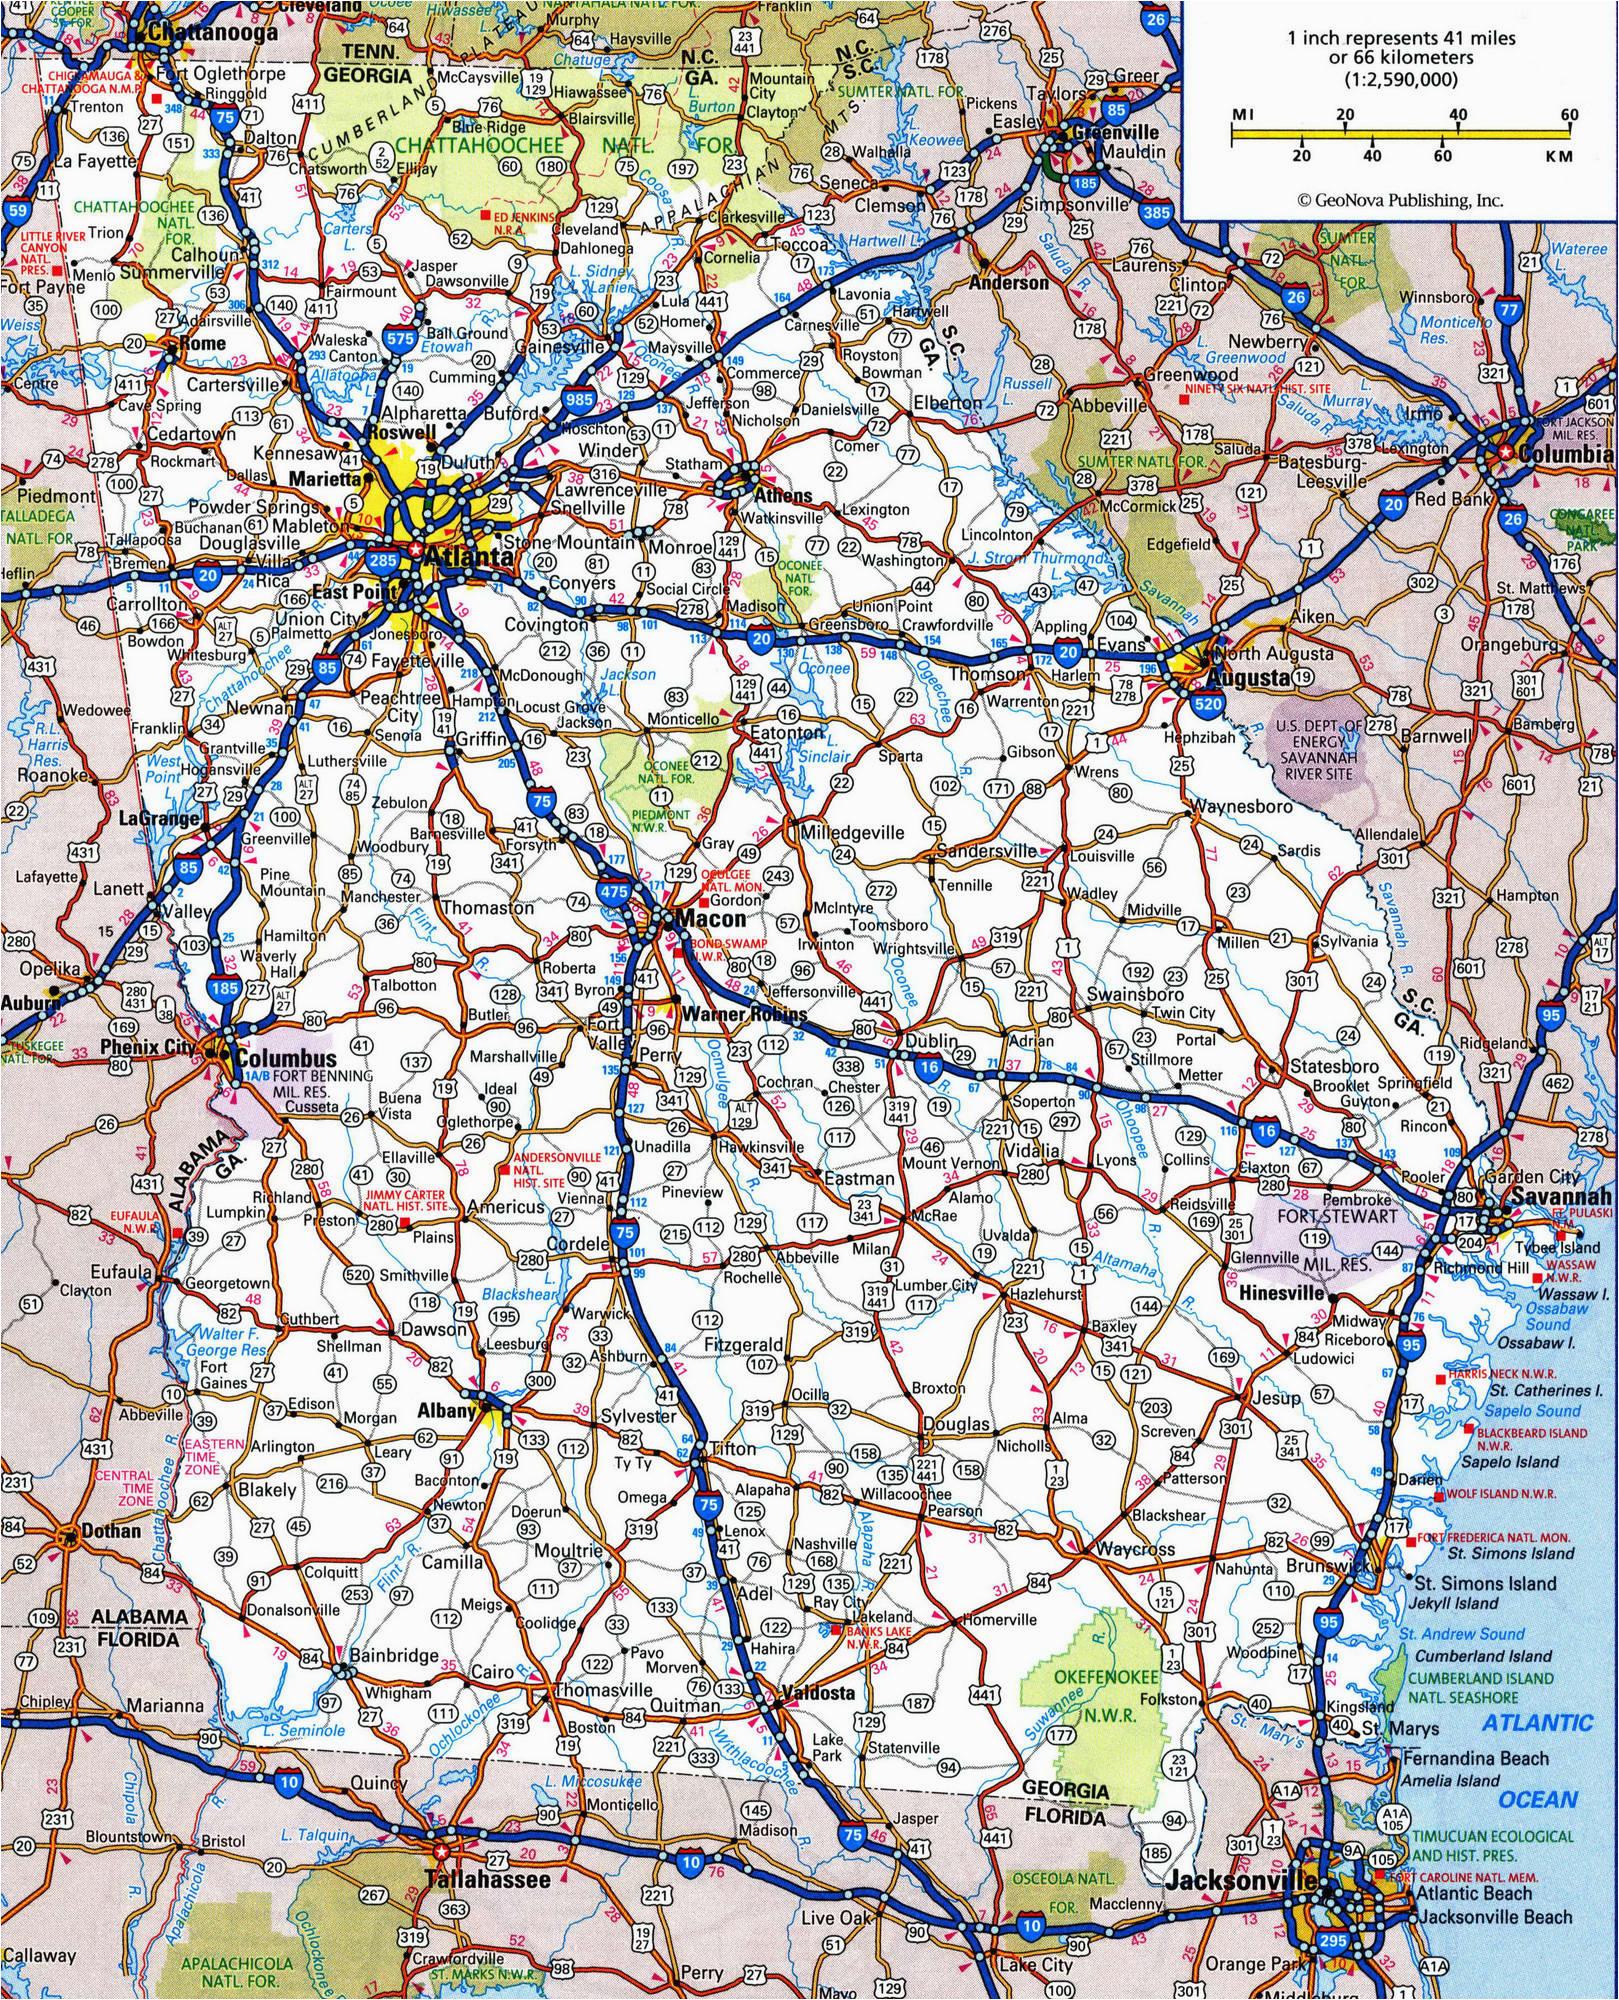 road map of georgia